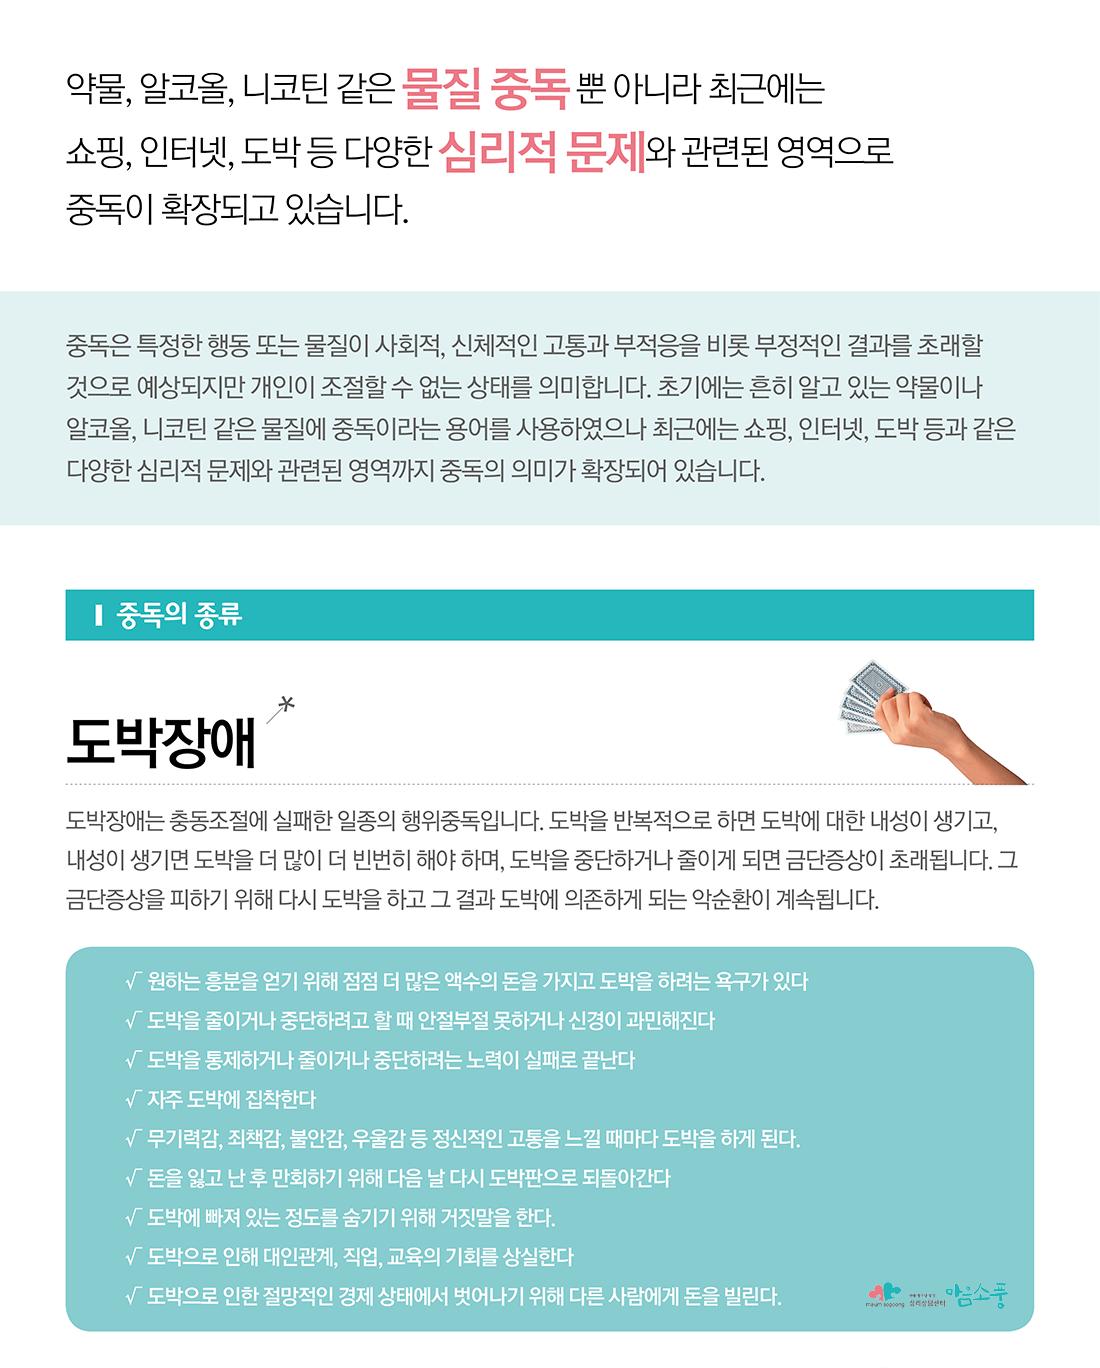 도박중독-성인상담-부천심리상담센터 마음소풍